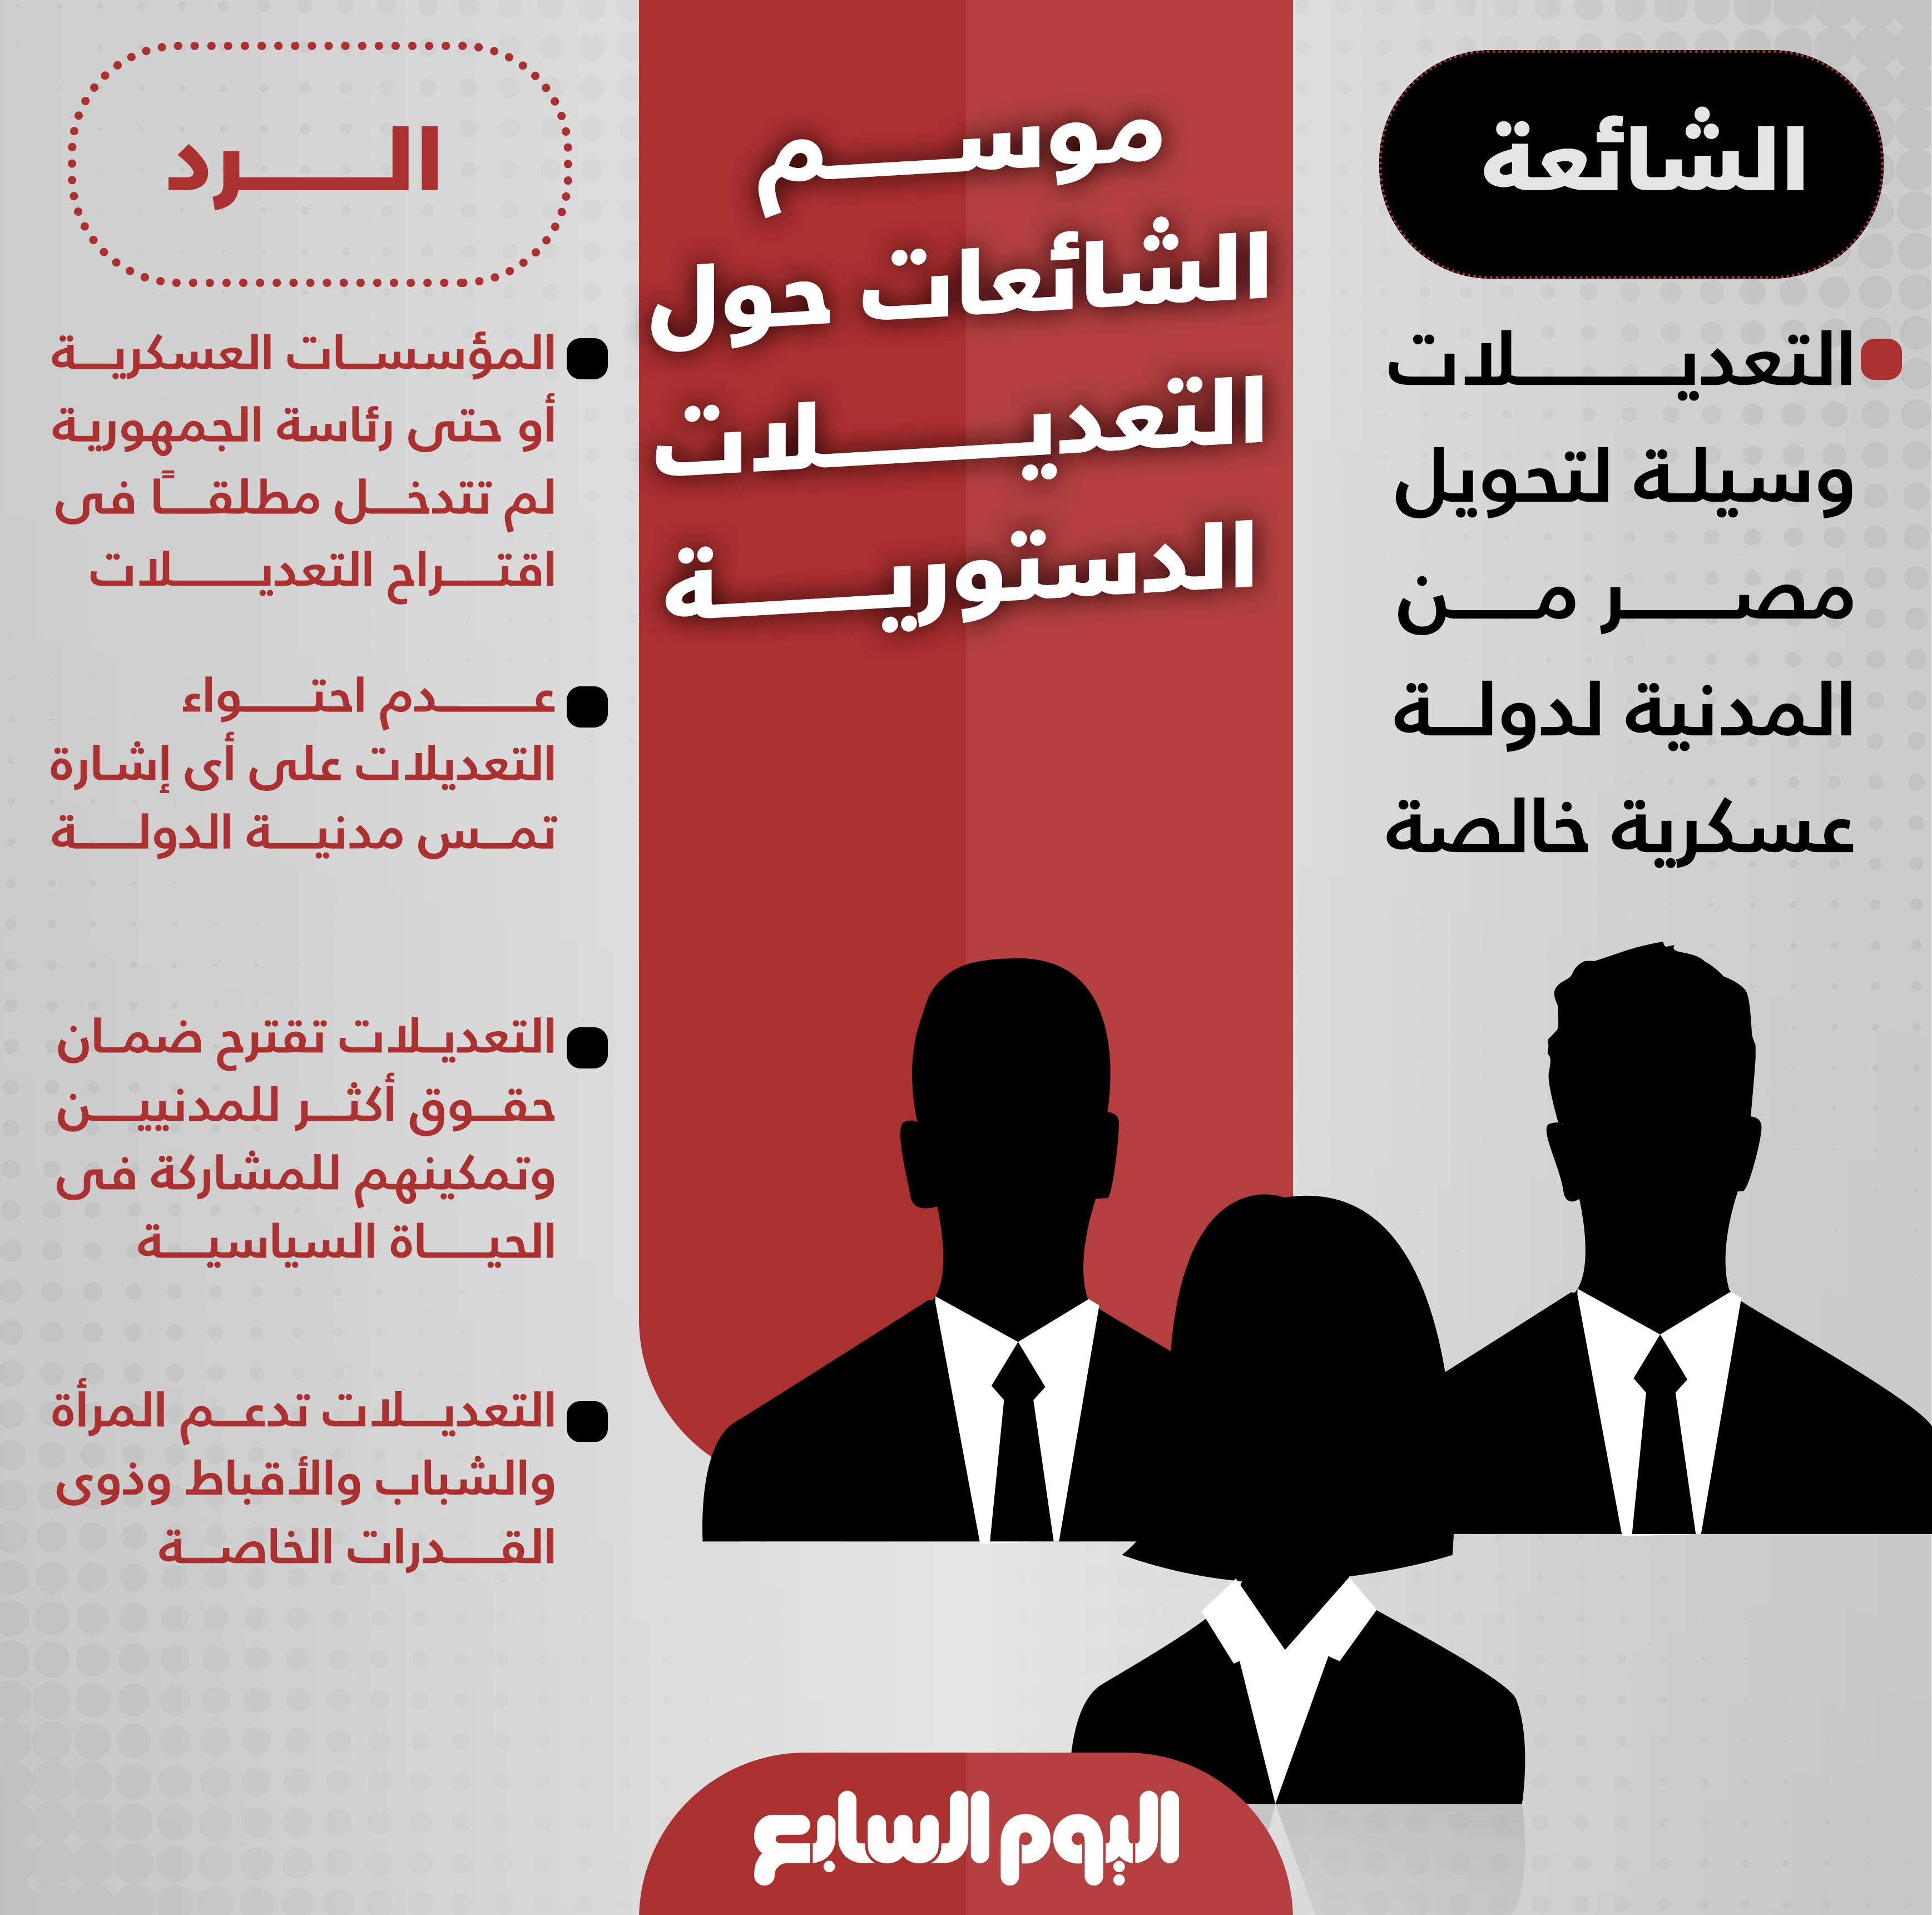 الشائعات حول تعديلات الدستور (3)